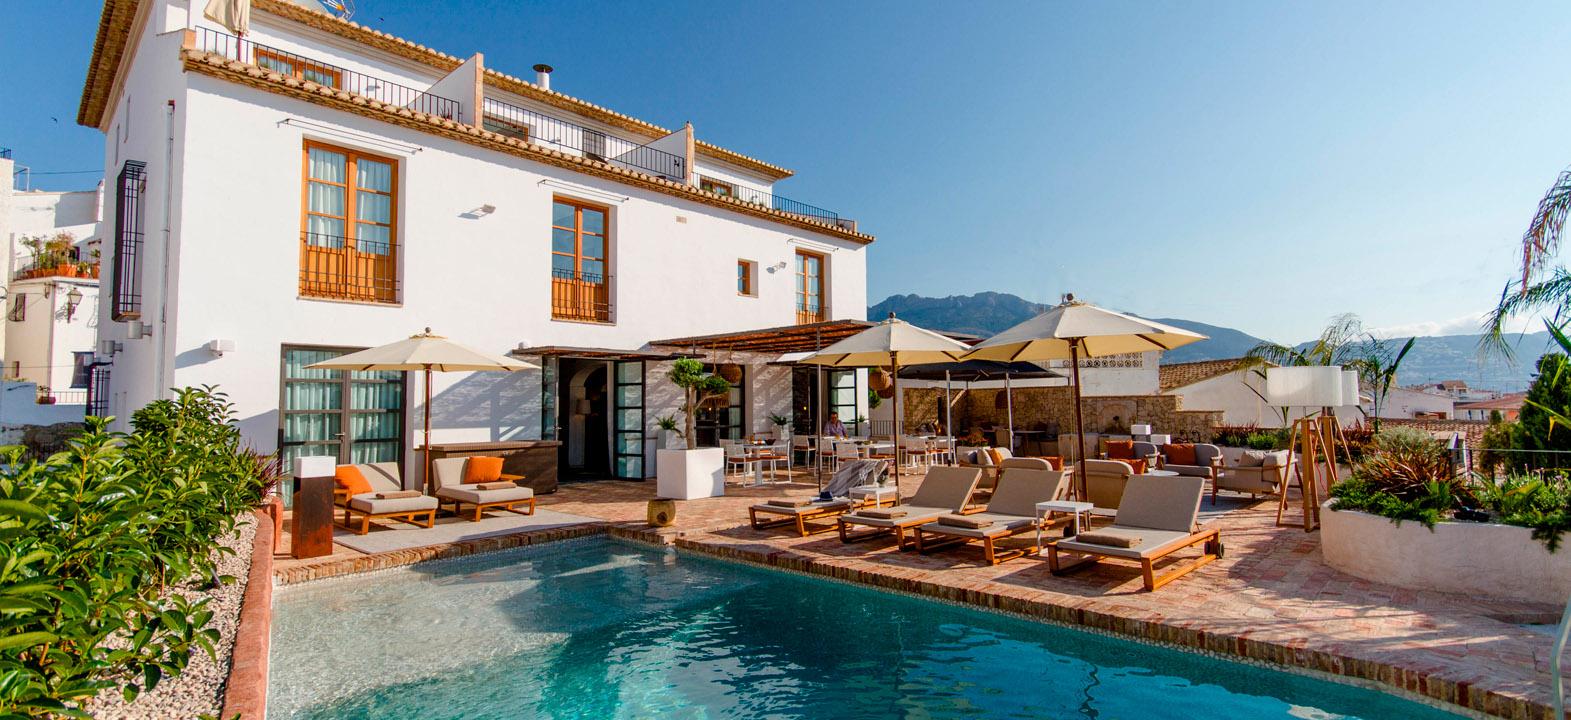 Boutique hotel in altea costa blanca hotel la serena for Best boutique hotels in la